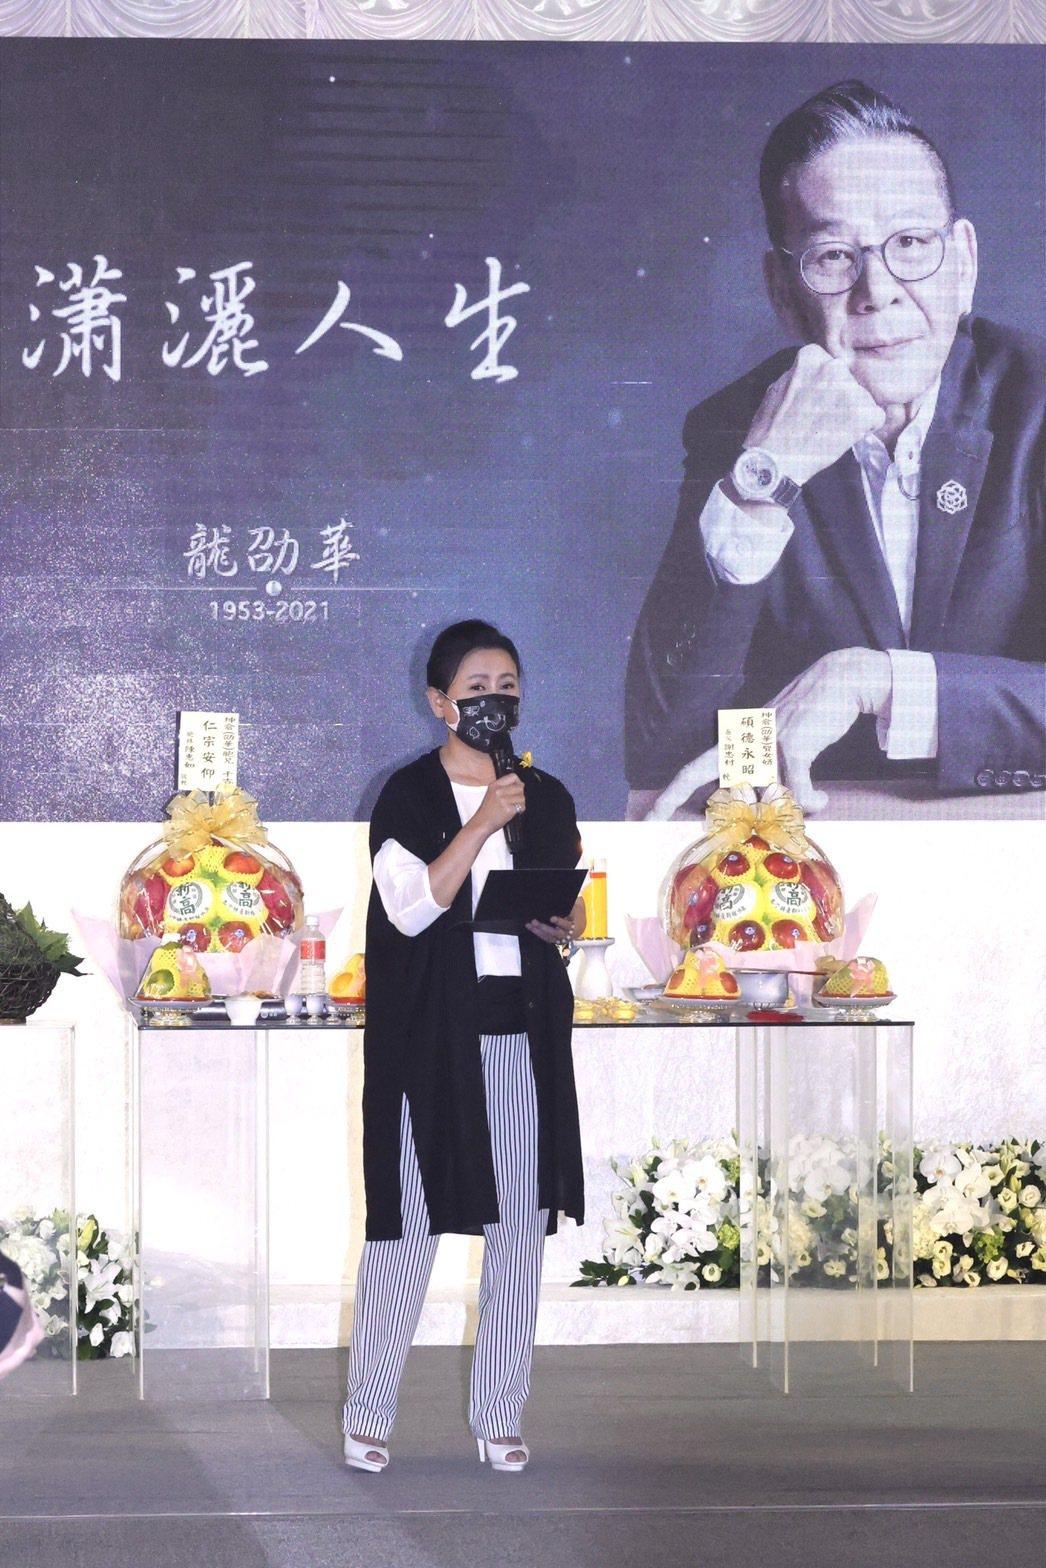 陳亞蘭為龍劭華做生平引言。記者王聰賢/攝影